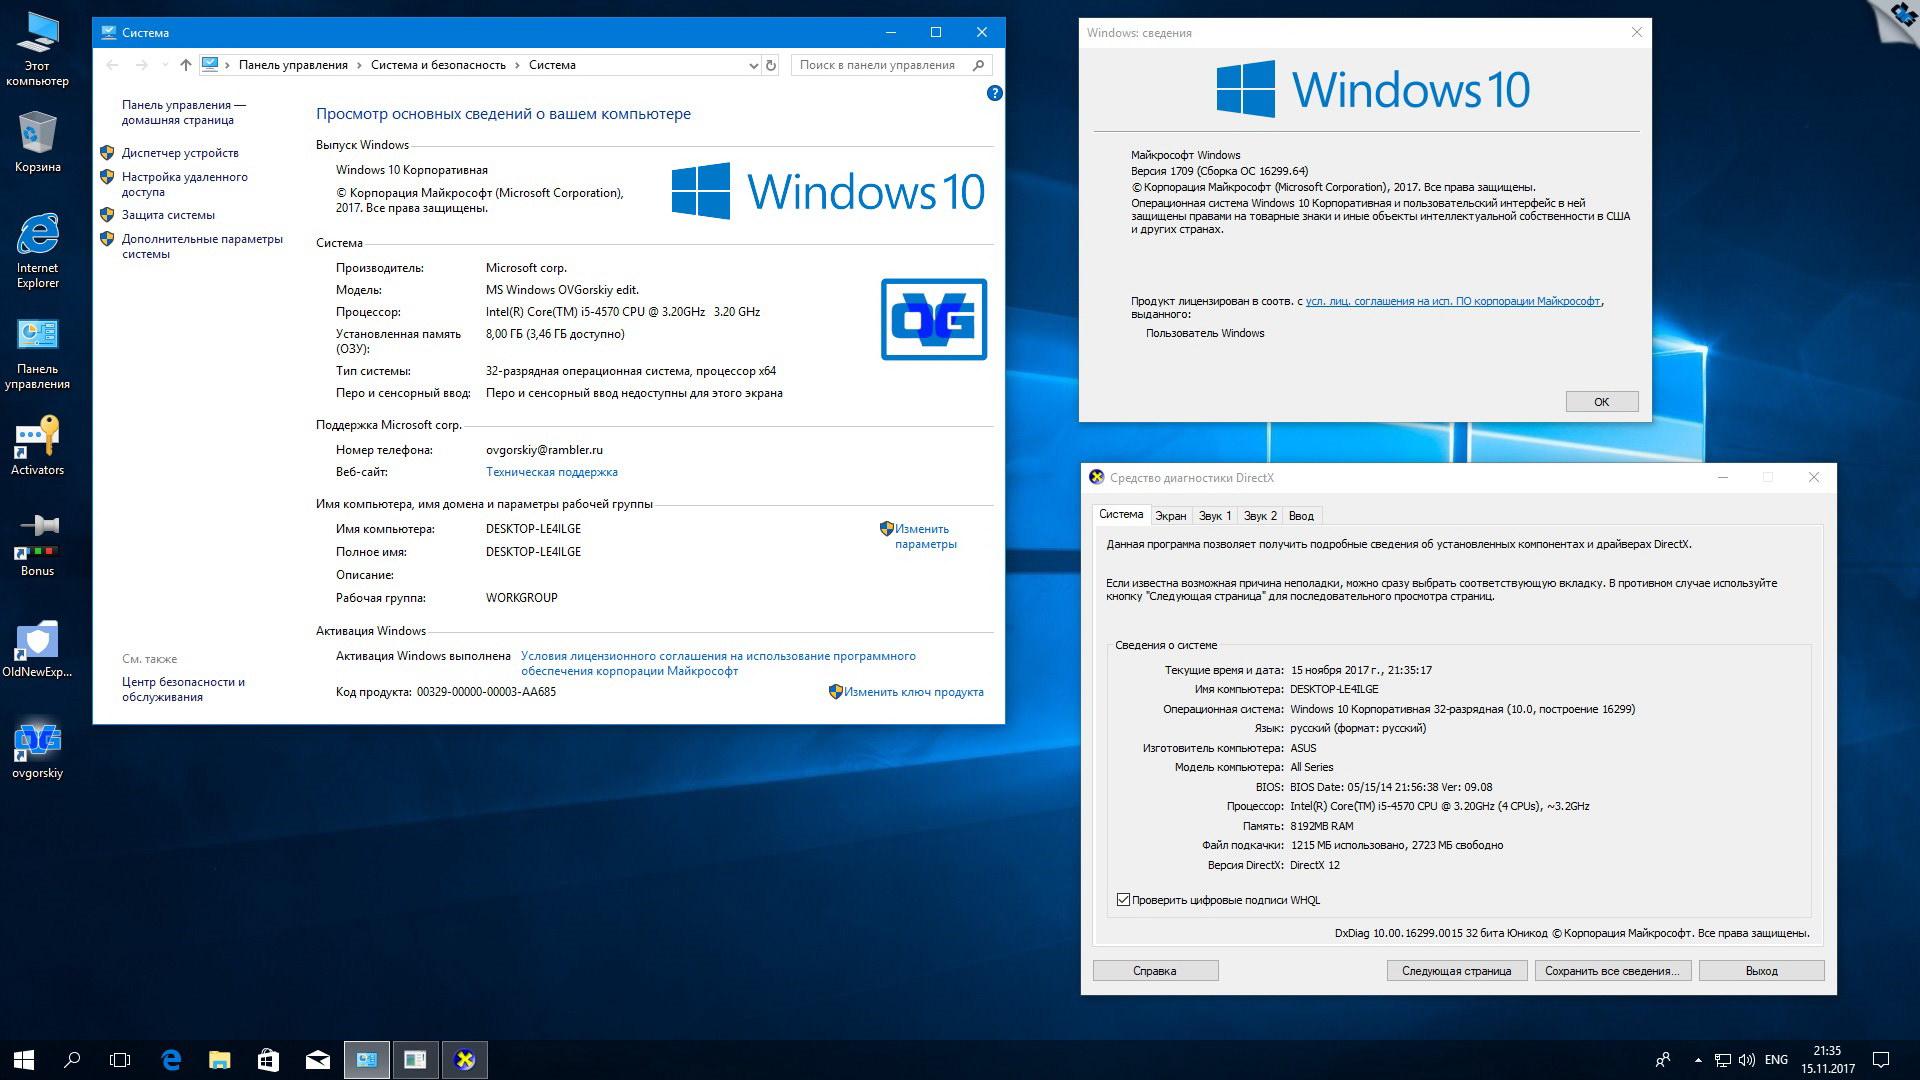 Windows® 10 Ent 1709 RS3 x86/x64 RU-en-de-uk by OVGorskiy® 11.2017 2DVD  (2017) Multi/Русский